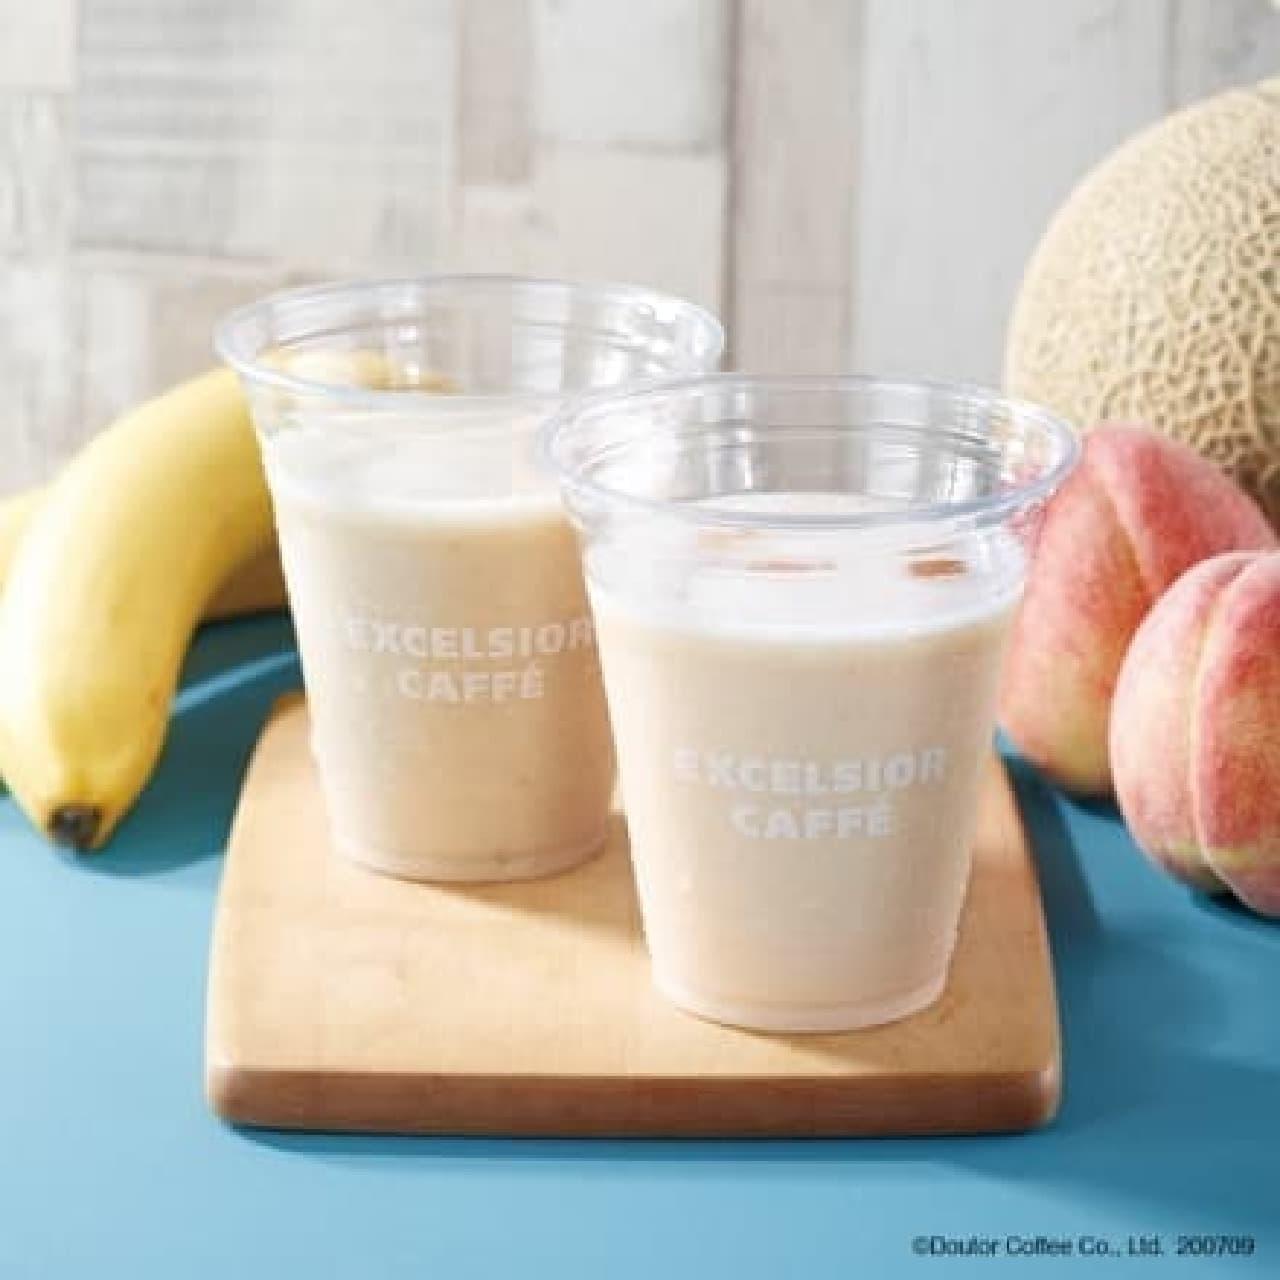 エクセルシオール カフェ「バナナとアーモンドミルクのスムージー」と「ピーチ&メロンとアーモンドミルクのスムージー」